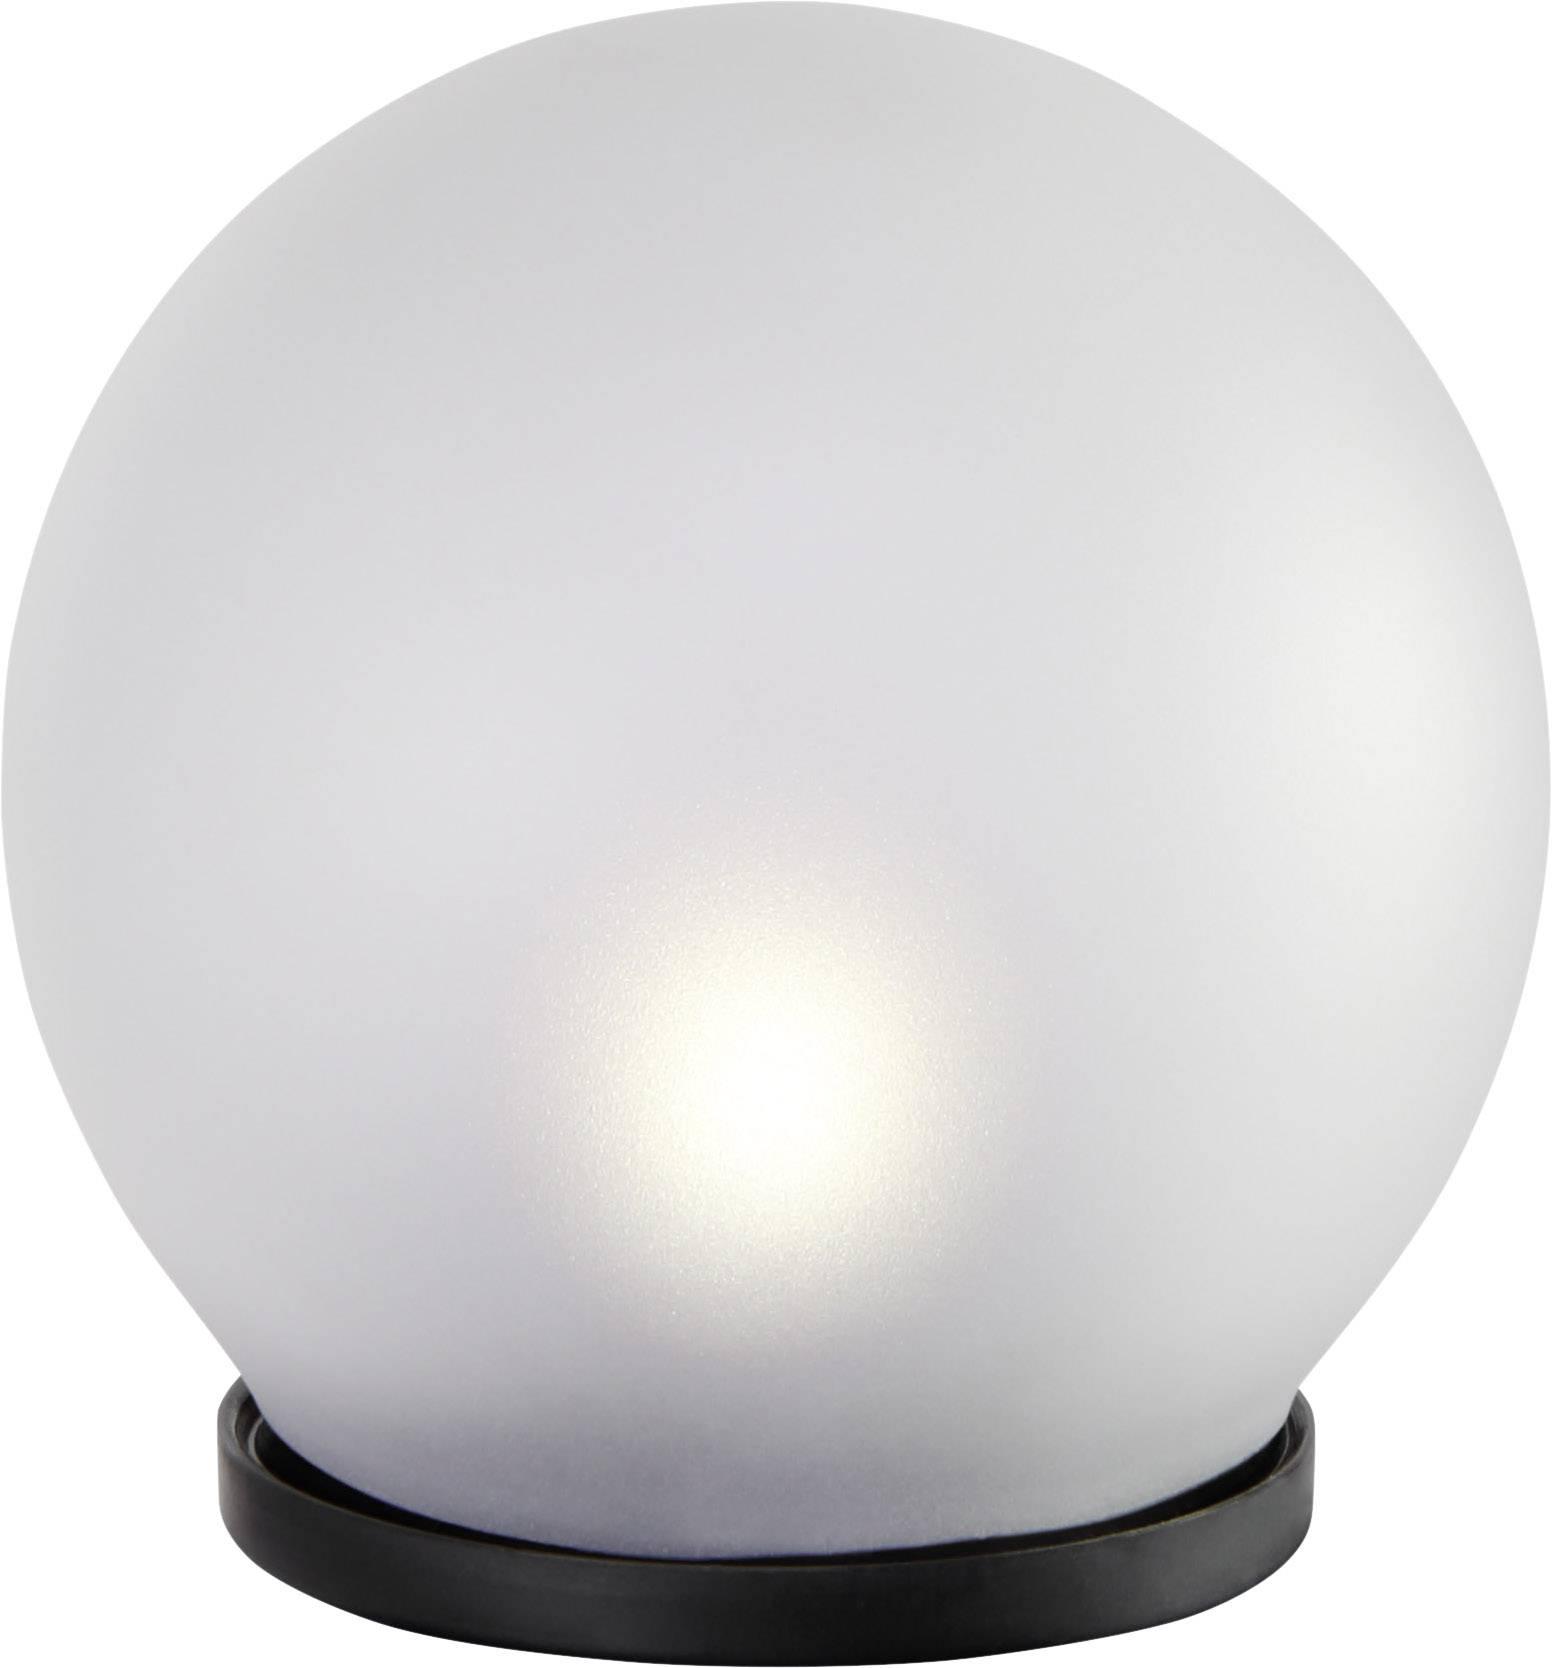 LED solární zahradní svítidlo Polarlite Frosted 100 PL-8213575, 0.08 W, IP44, matné sklo, neutrálně bílá